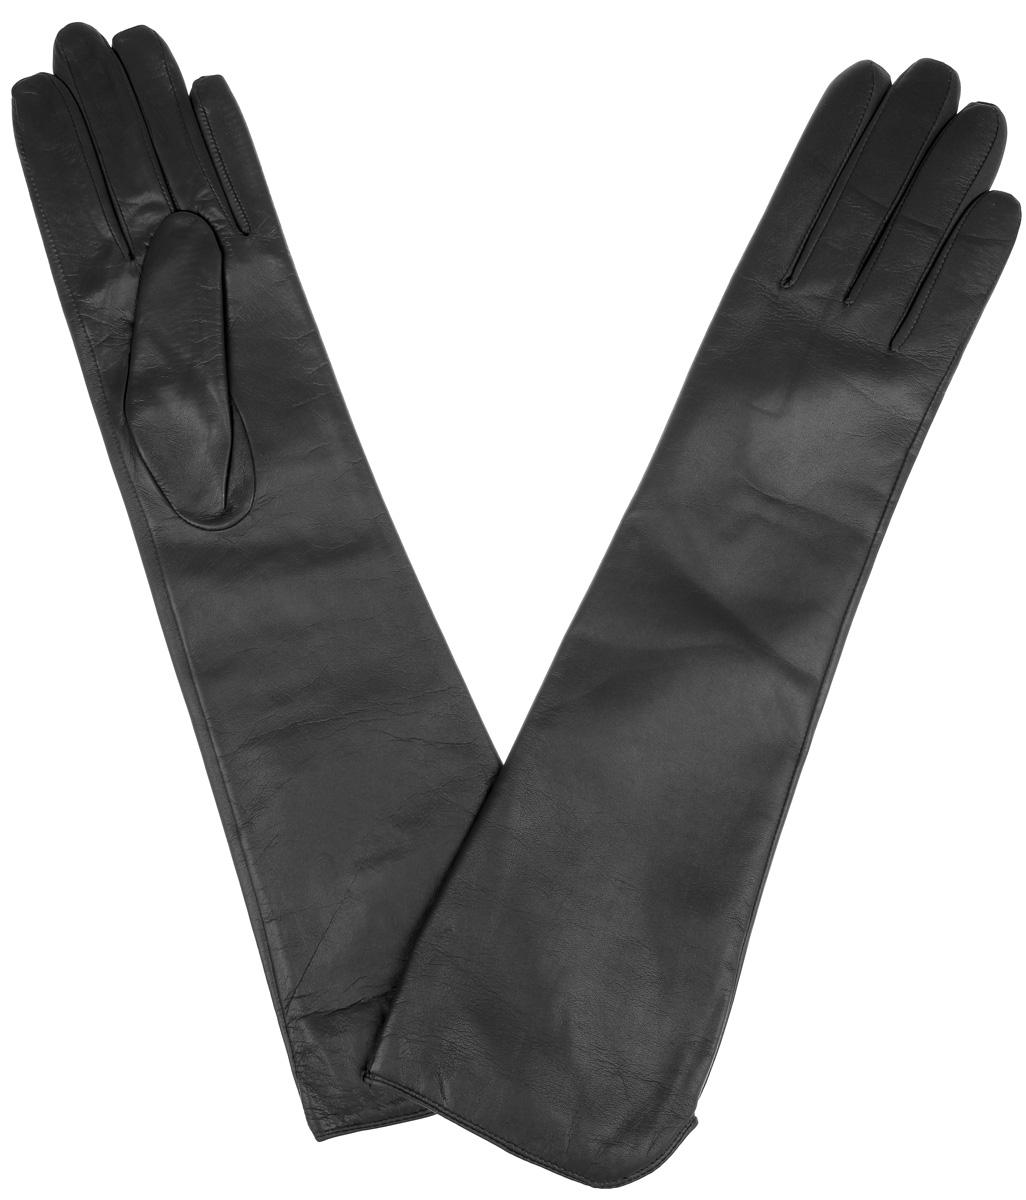 Длинные перчаткиLB-2002Элегантные удлиненные женские перчатки Labbra станут великолепным дополнением вашего образа и защитят ваши руки от холода и ветра во время прогулок. Перчатки выполнены из натуральной кожи и имеют подкладку из шерсти с добавлением акрила, что позволяет им надежно сохранять тепло и обеспечивает высокую гигроскопичность. Удлиненные манжеты подчеркнут изящество ваших рук. Такие перчатки будут оригинальным завершающим штрихом в создании современного модного образа, они подчеркнут ваш изысканный вкус и станут незаменимым и практичным аксессуаром.